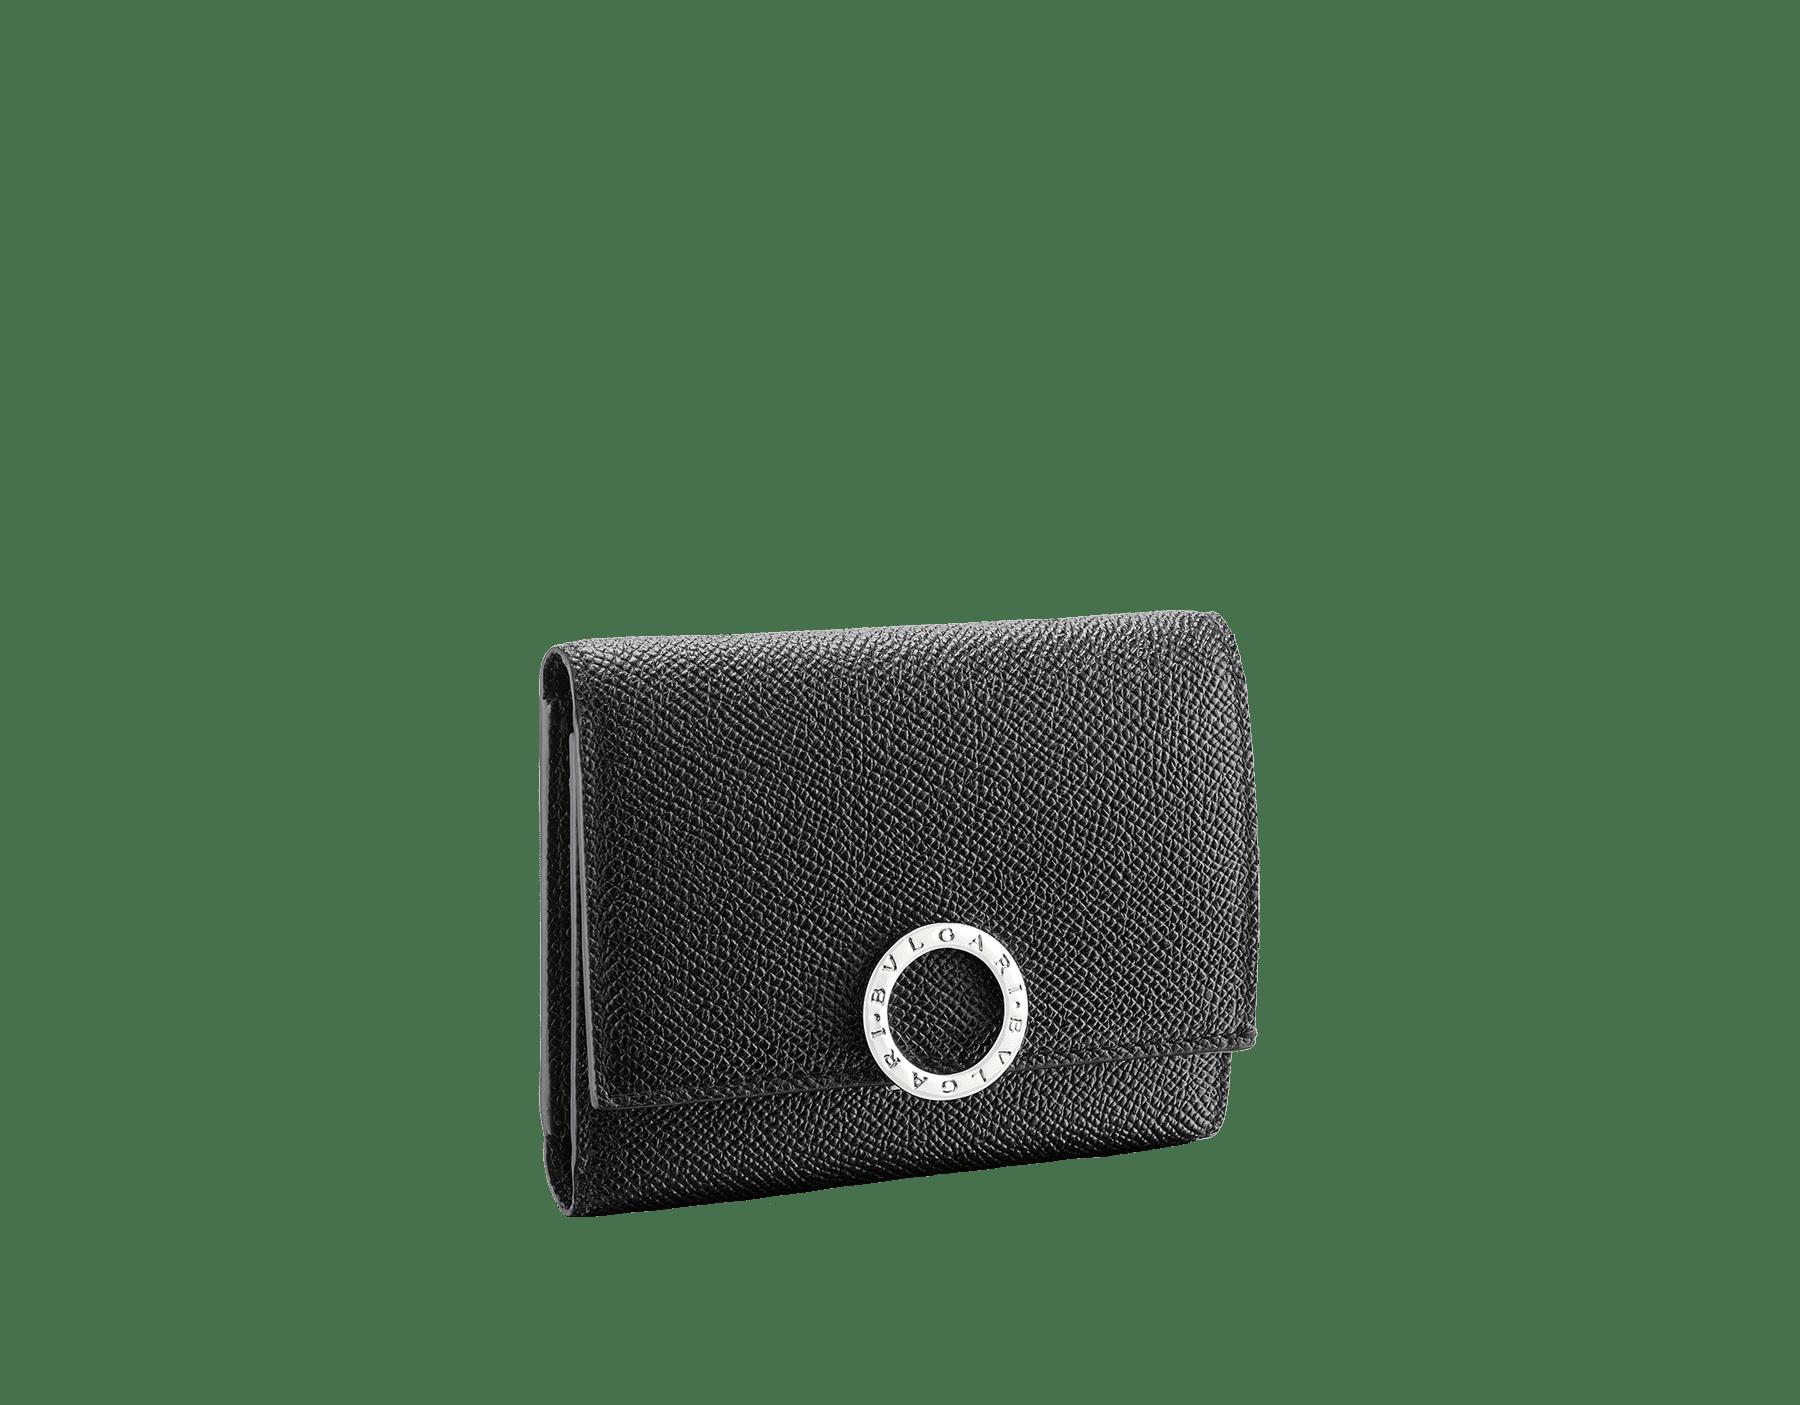 불가리 불가리 남성용 지갑. 에메랄드 그린/블랙 컬러의 컬러의 그레인 카프 레더 소재. 황동 팔라듐이 도금된 아이코닉 로고 클립 잠금장치. BCM-YENCOMPACT image 1